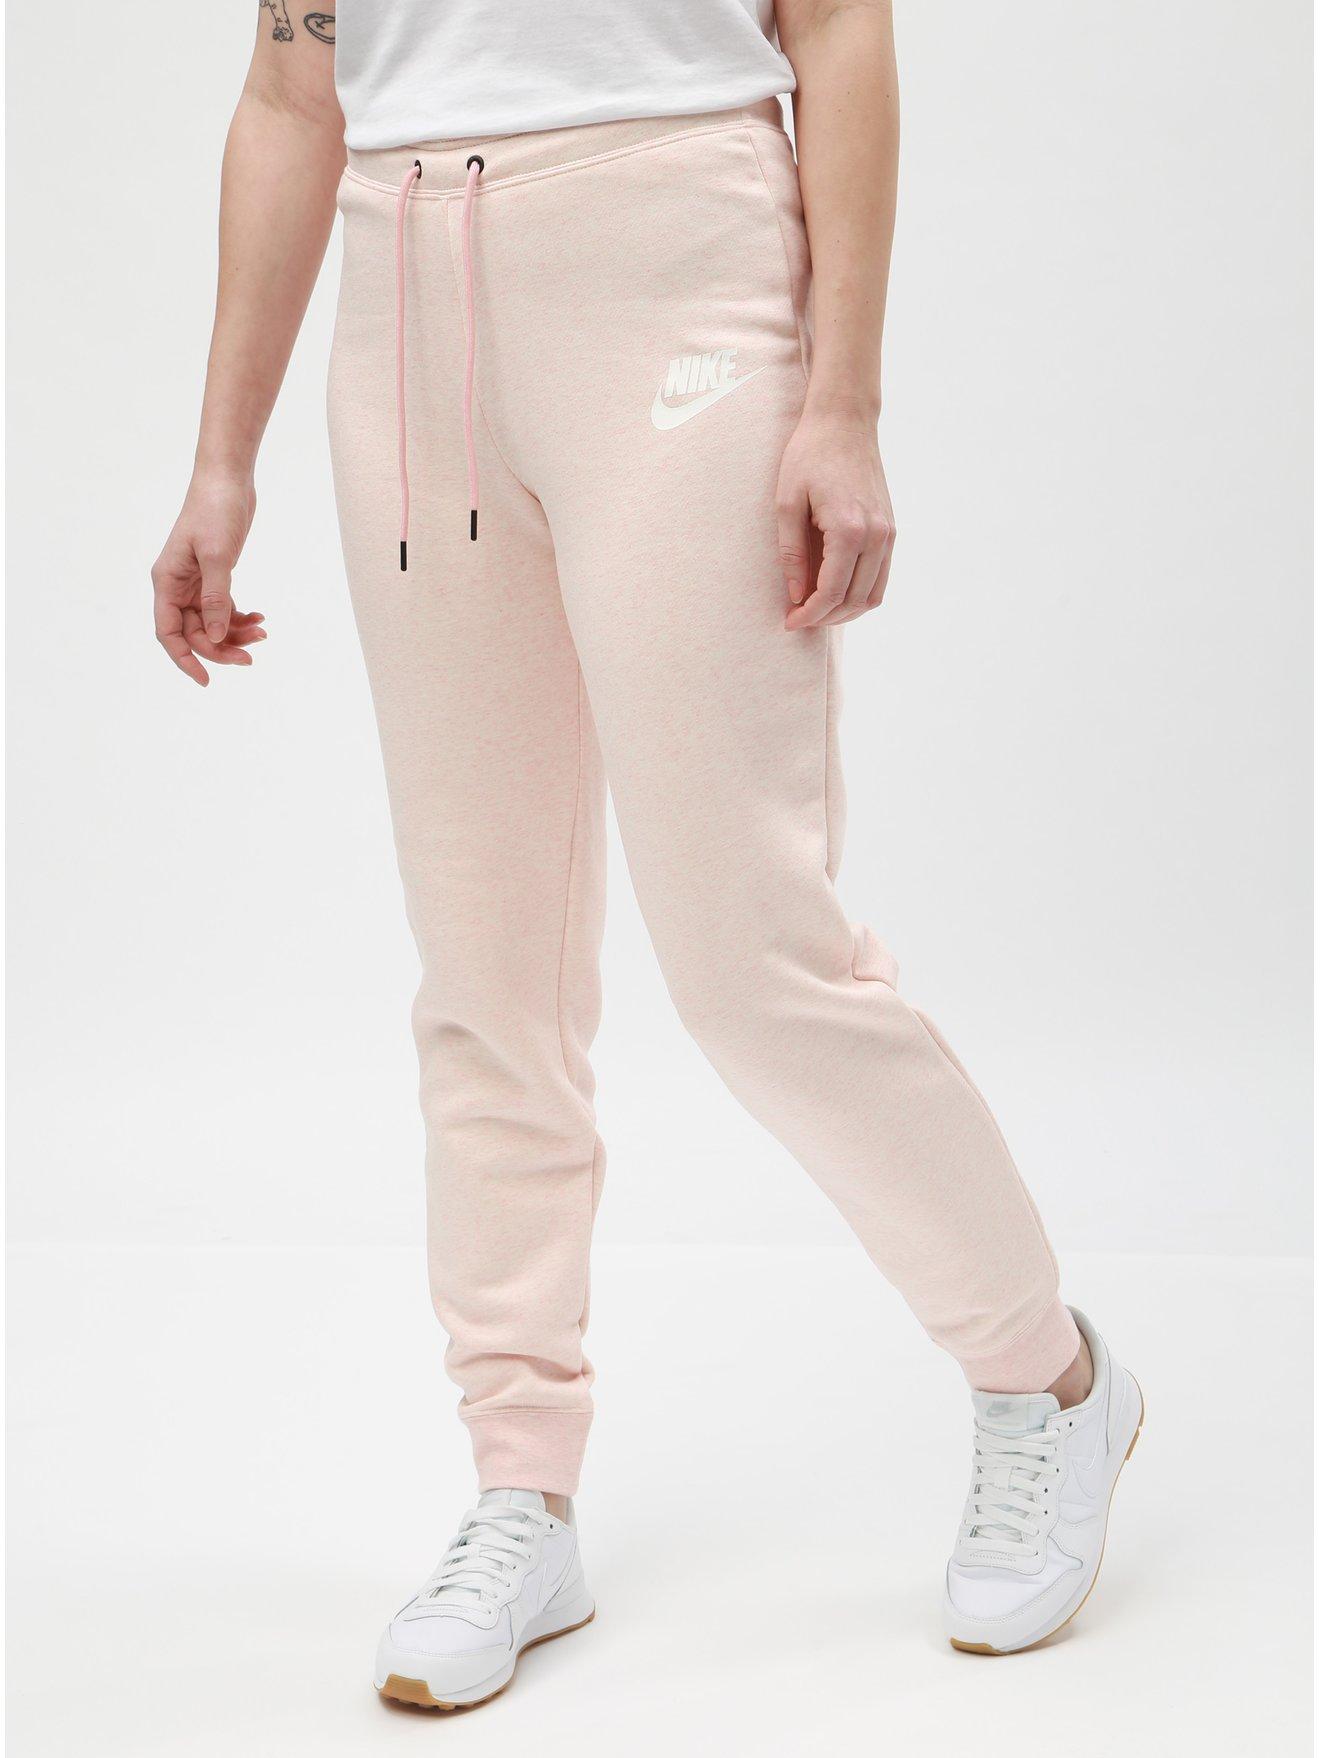 Světle růžové dámské žíhané tepláky Nike 08eb455d47